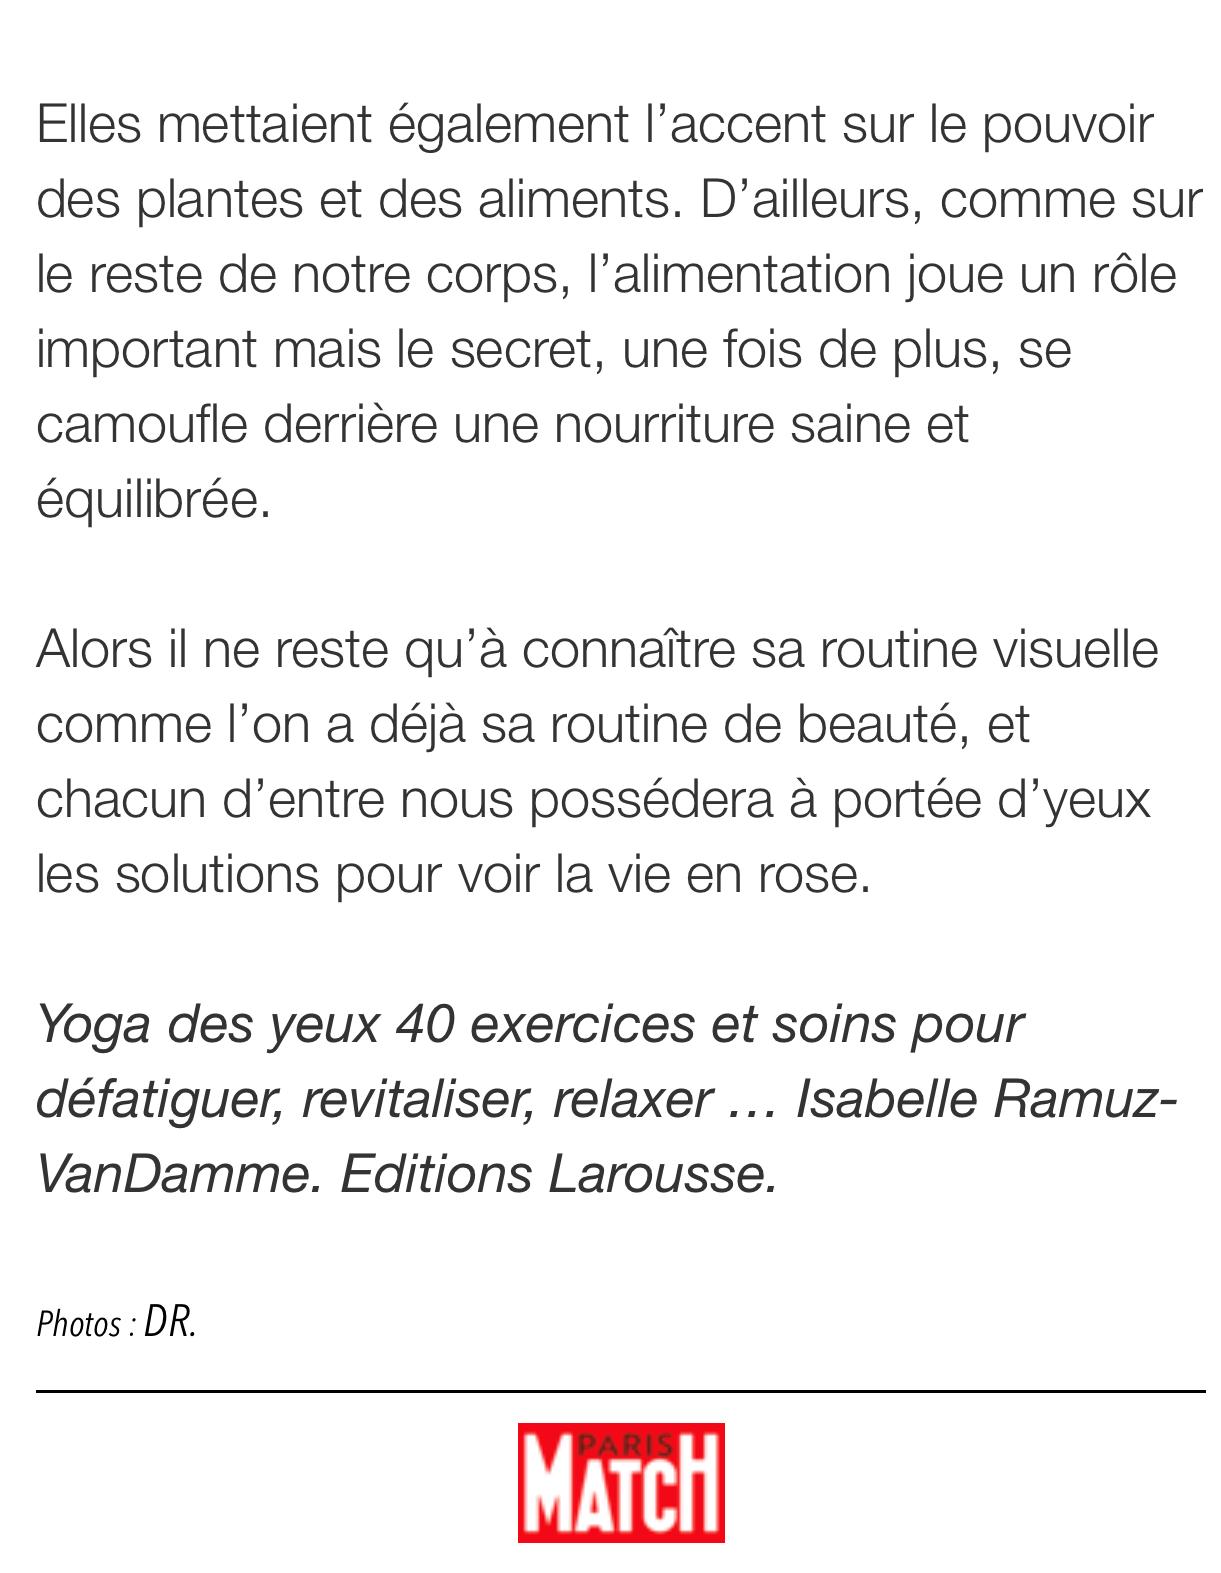 article yoga des yeux Paris Match oct 2018